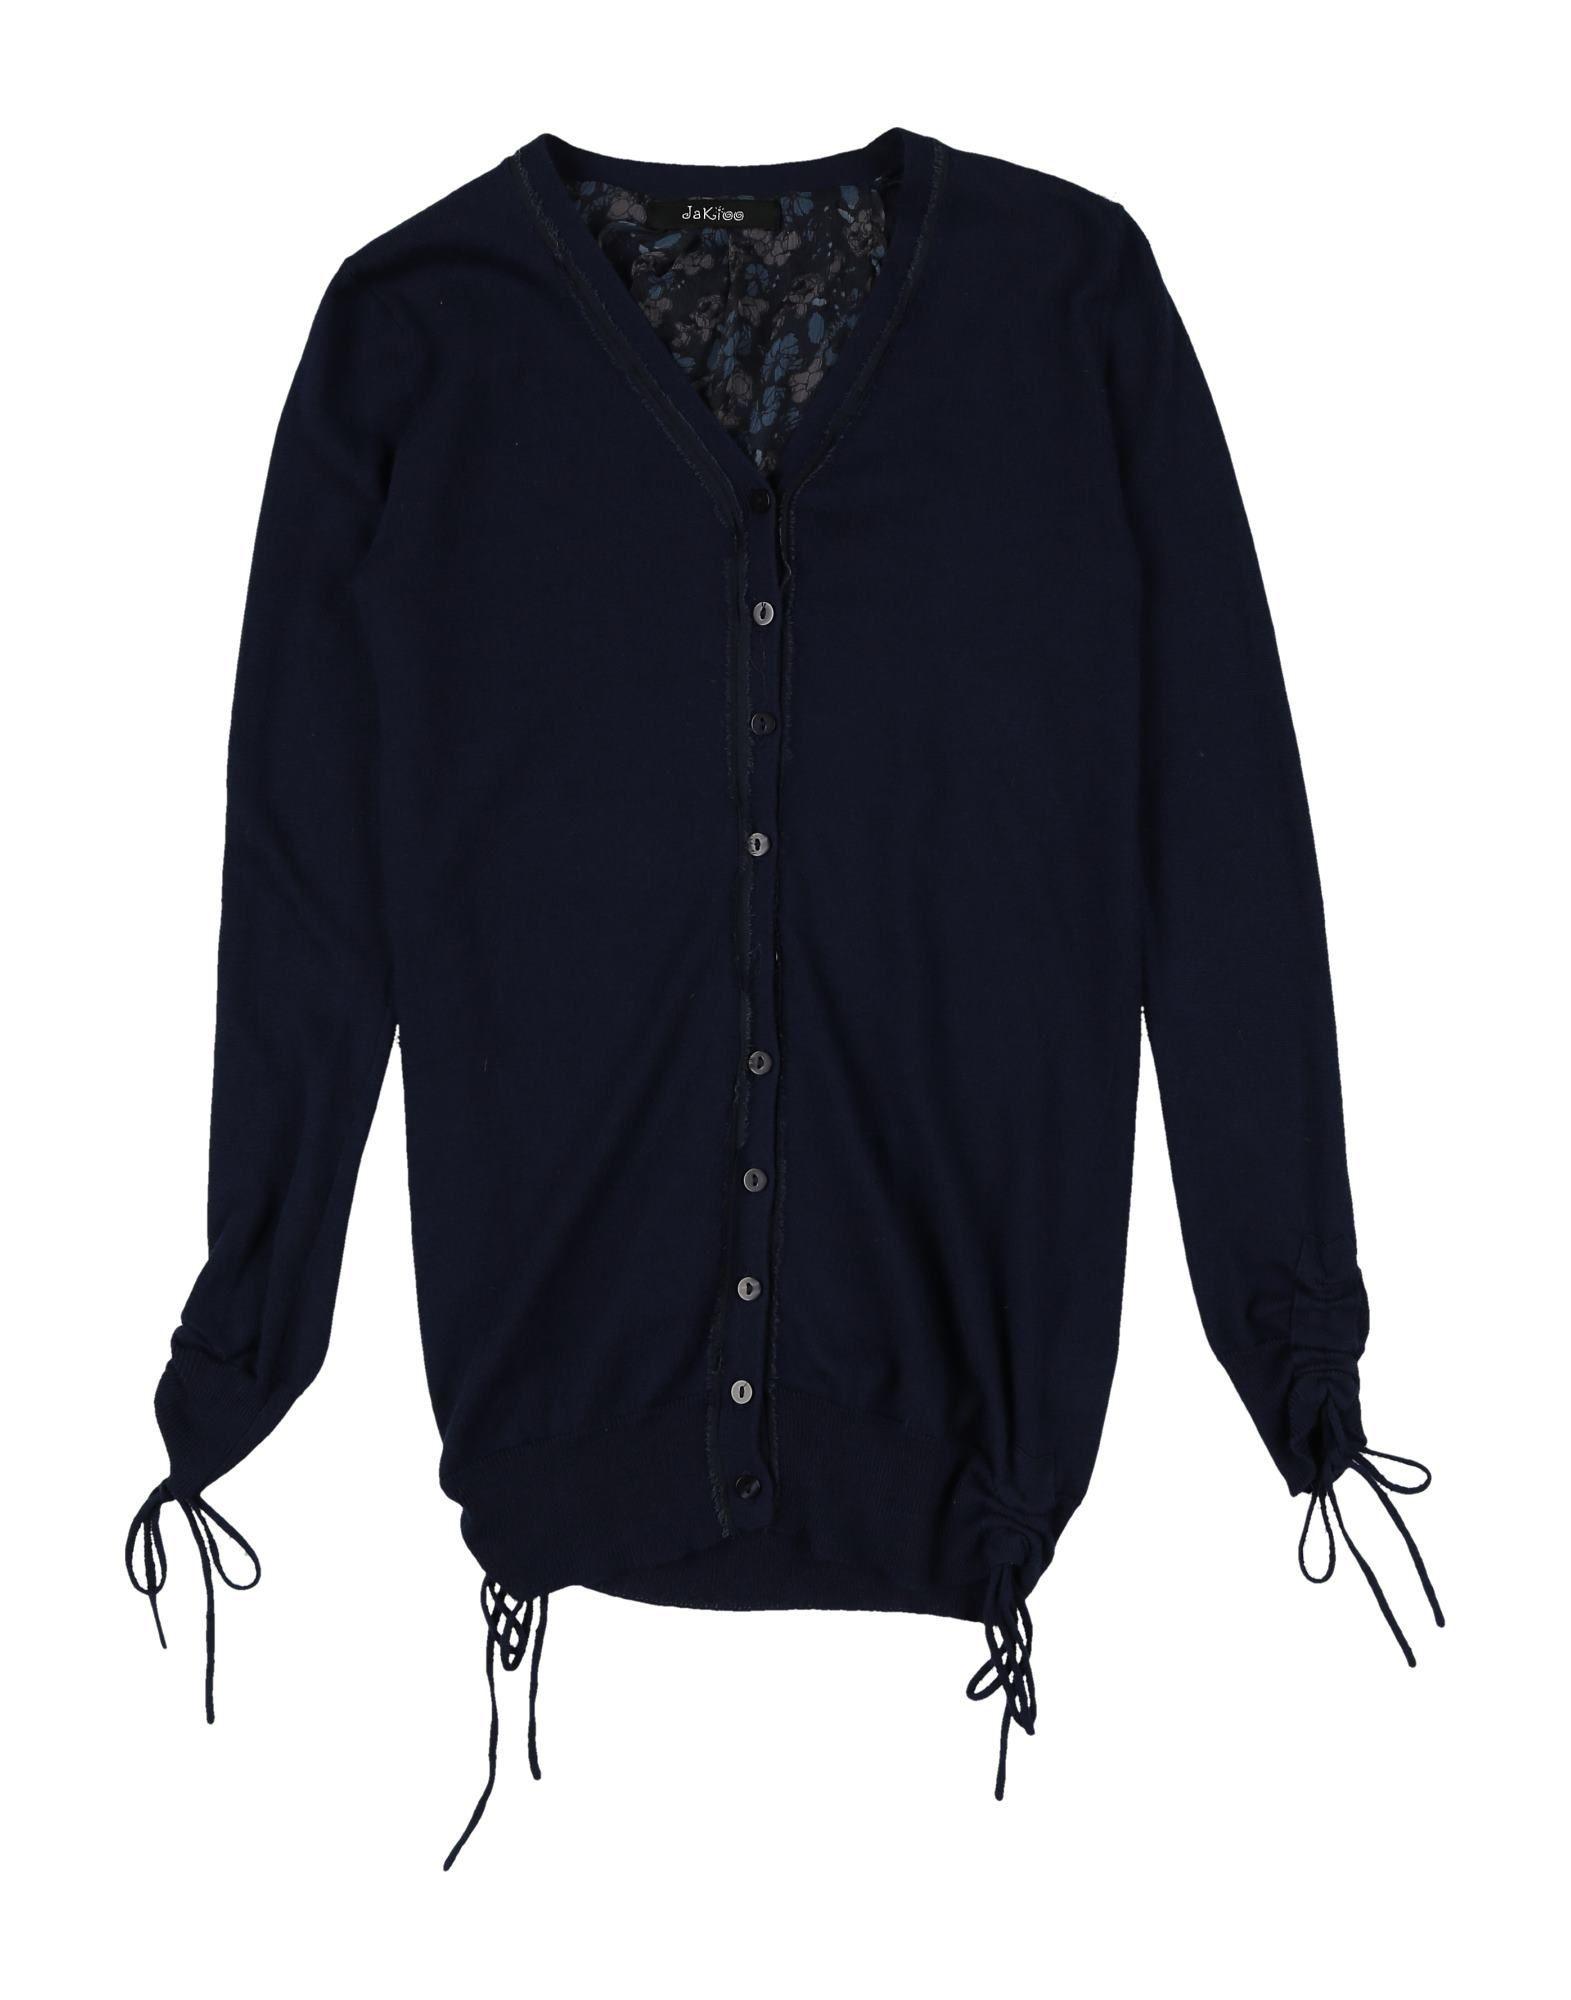 KNITWEAR Jakioo Dark blue Girl Cotton